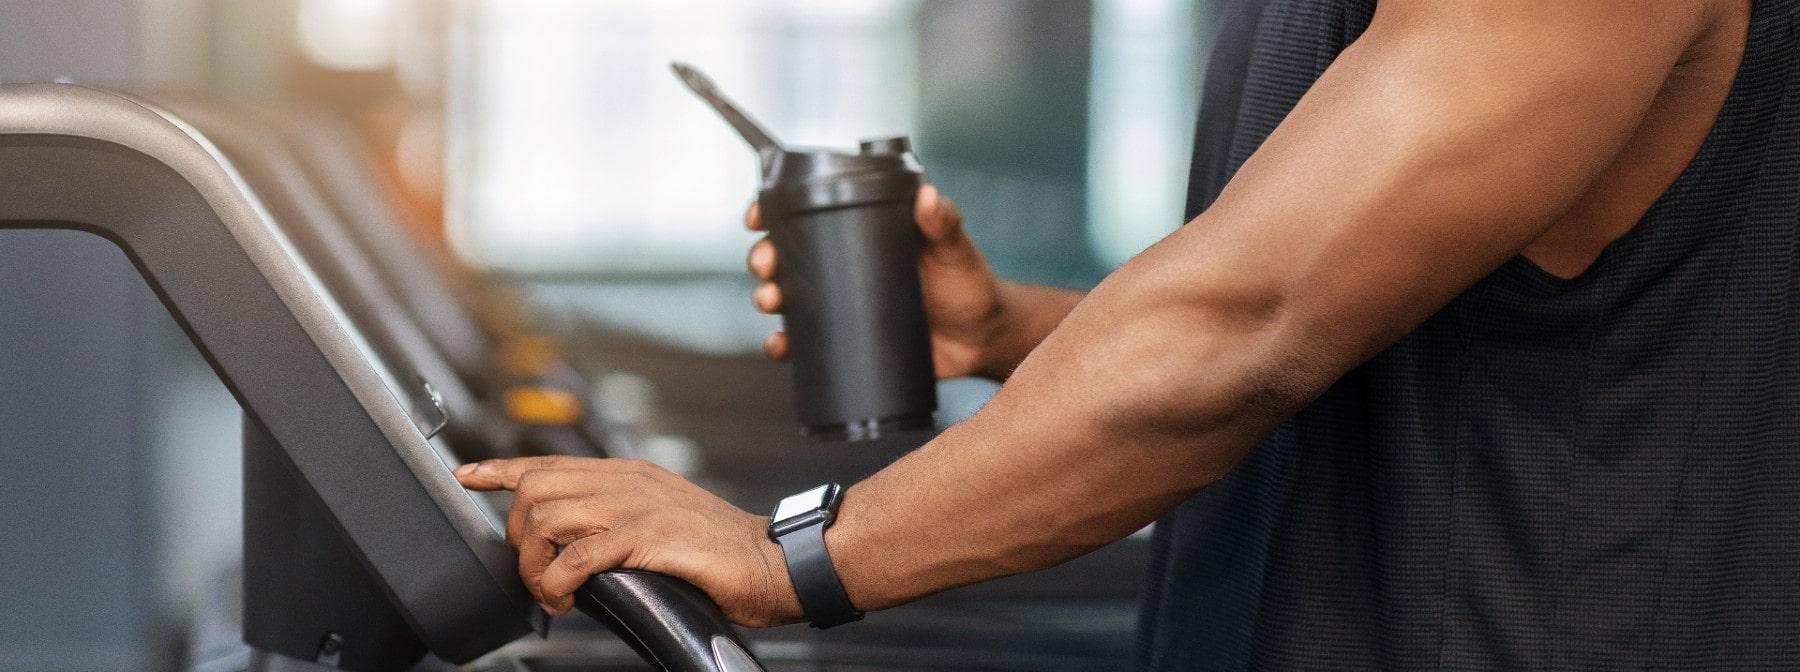 Solltest du Creatin laden oder cyclen? Und wie viel Gramm pro Tag einnehmen?